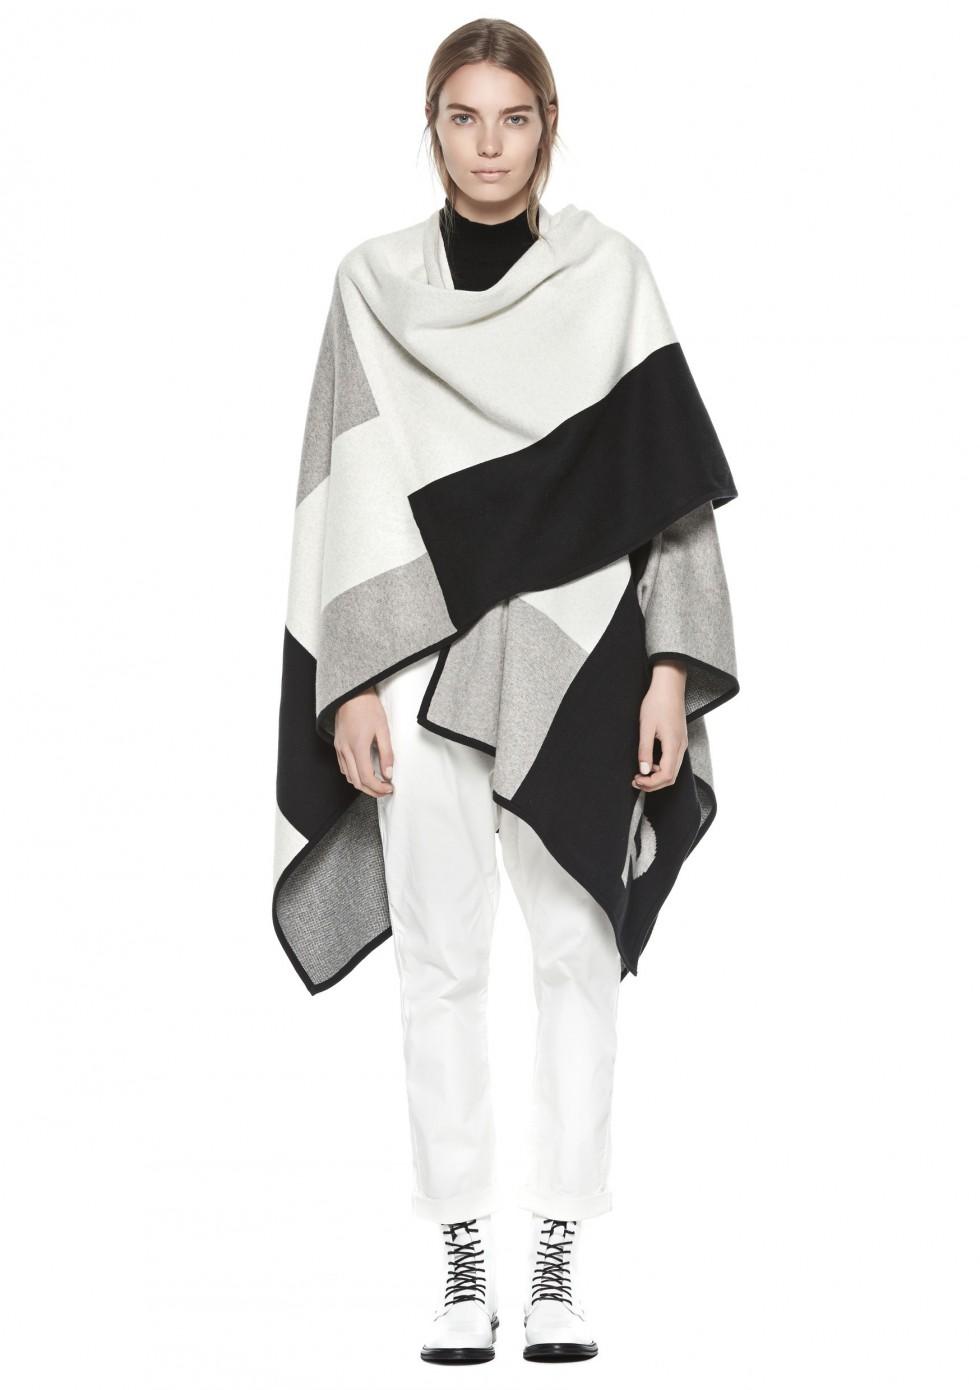 hope-blanket-scarf-grey-pattern-lookbook-53802789985